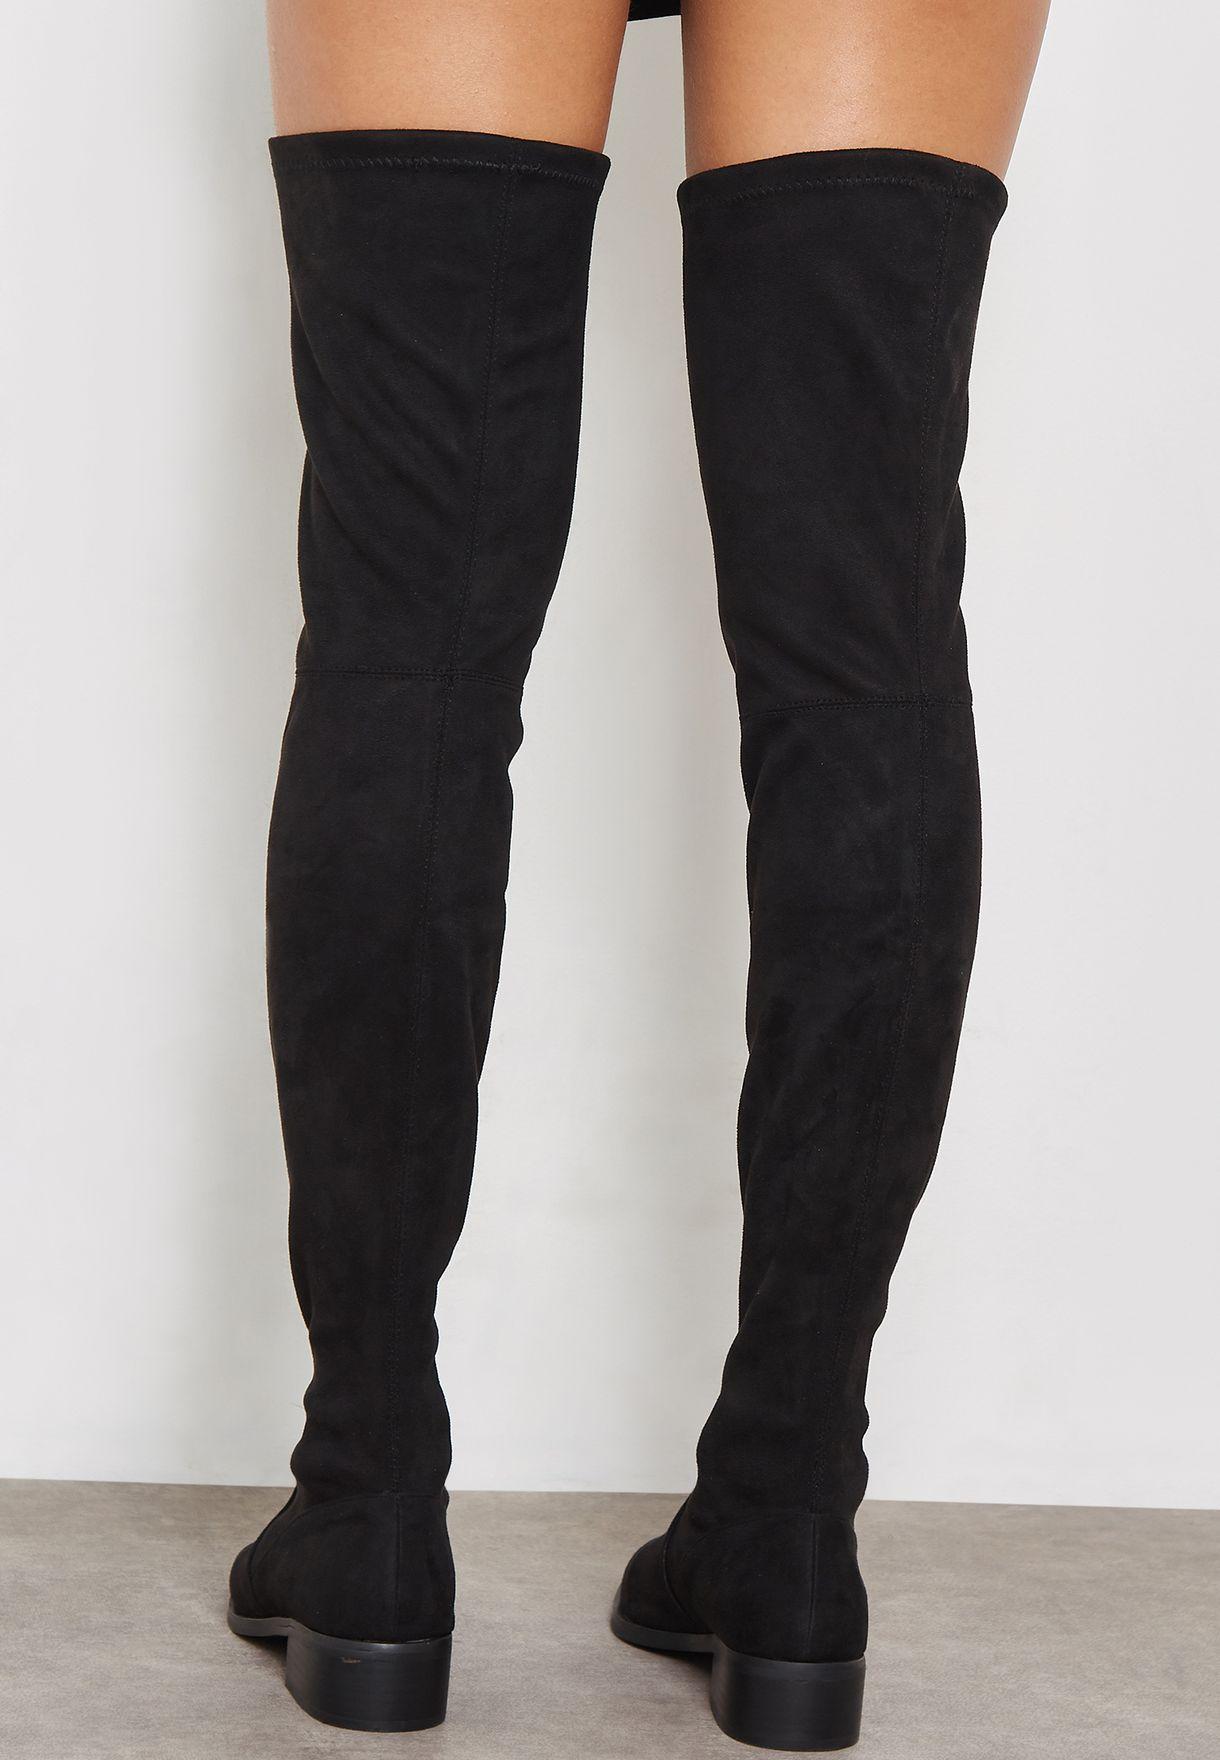 a01c72e0cf8 Shop Steve Madden black Jestik Knee Boot JESTIK for Women in UAE ...